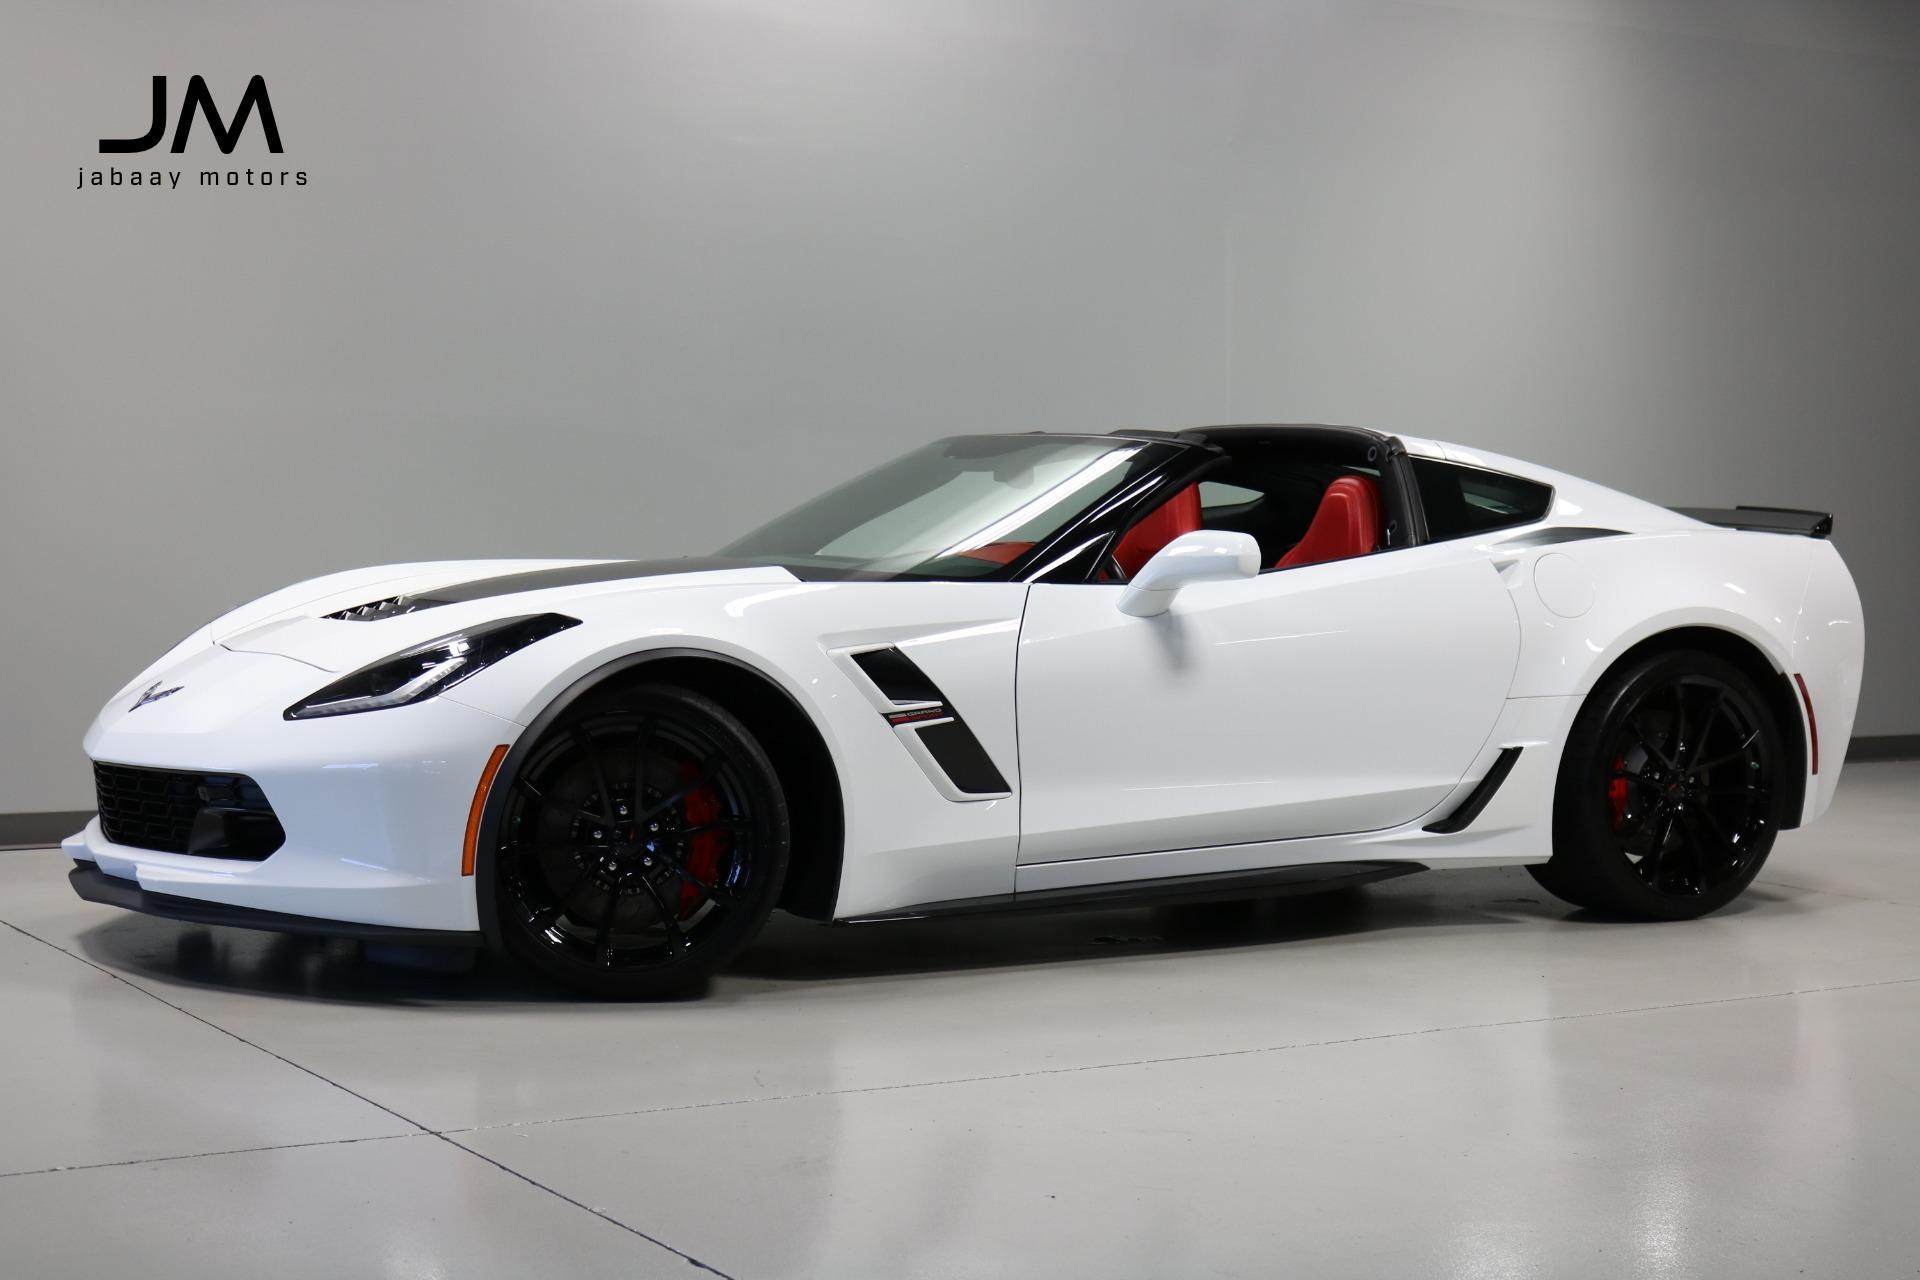 Used 2018 Chevrolet Corvette Grand Sport For Sale Sold Jabaay Motors Inc Stock 18gs